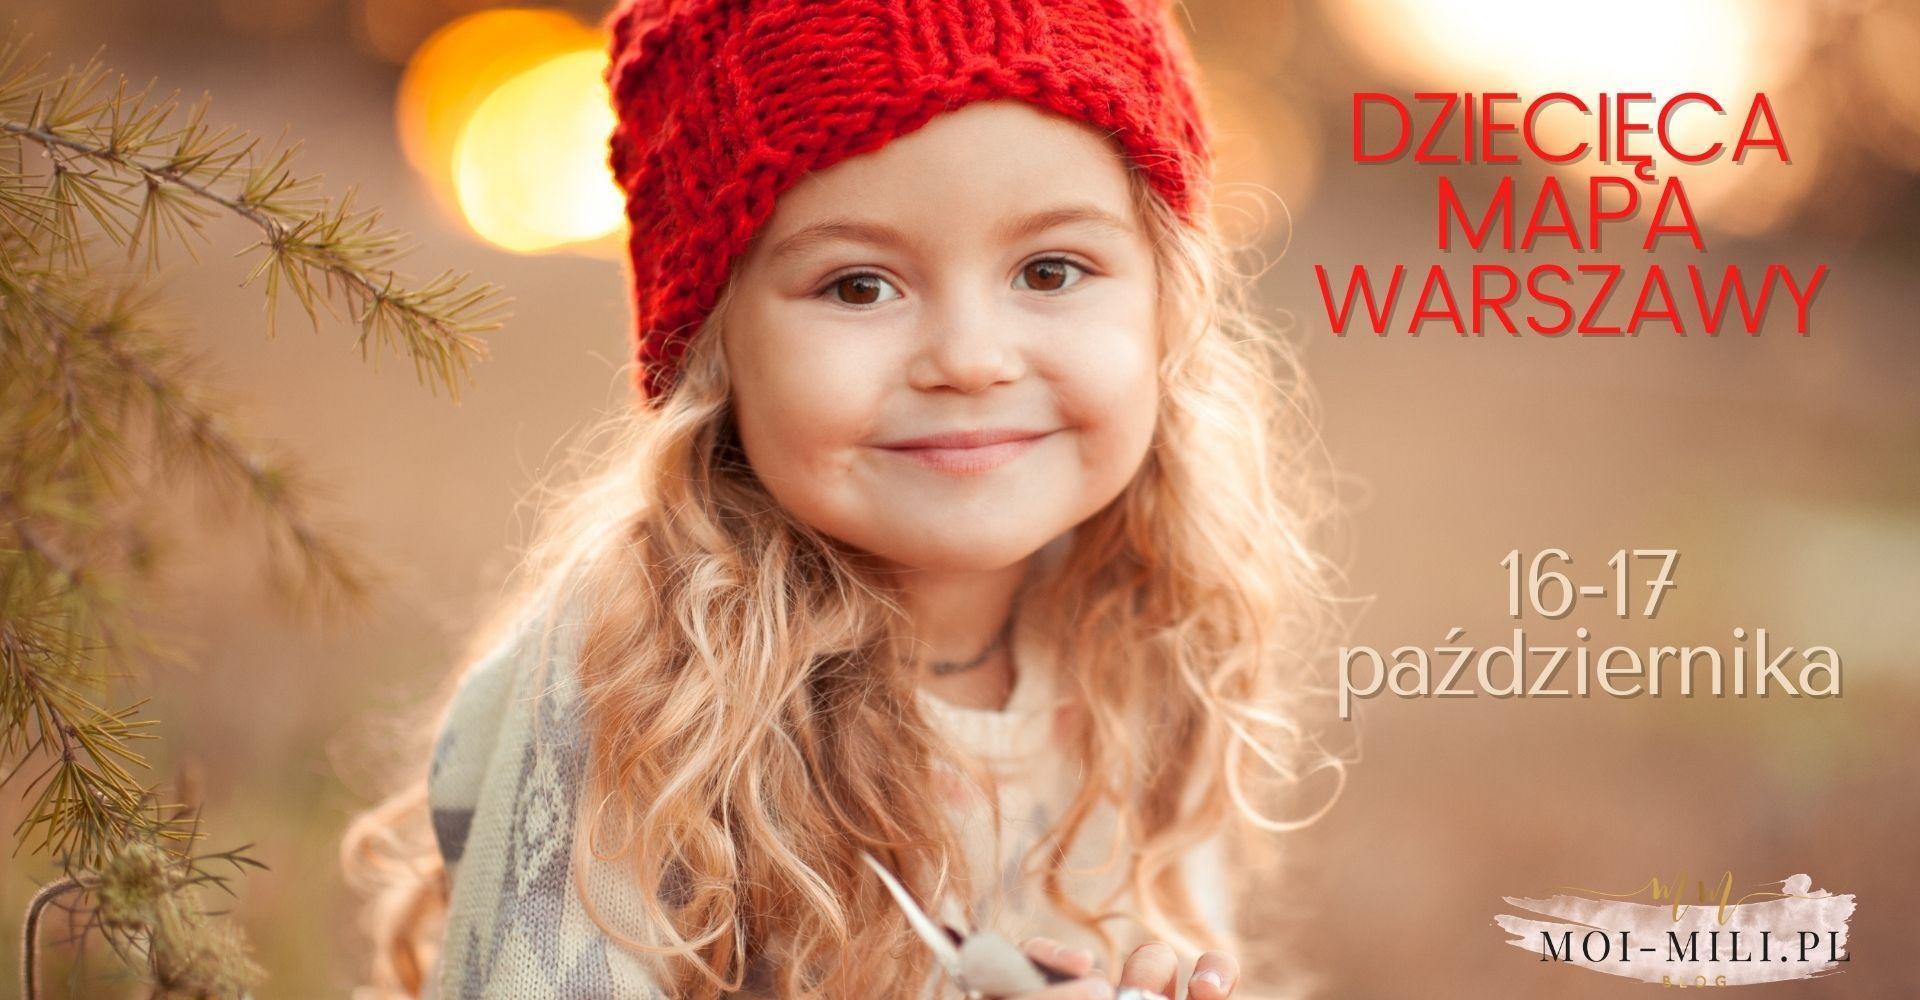 Weekendowa Zajawka, czyli co robić z dzieckiem w Warszawie 16-17 października